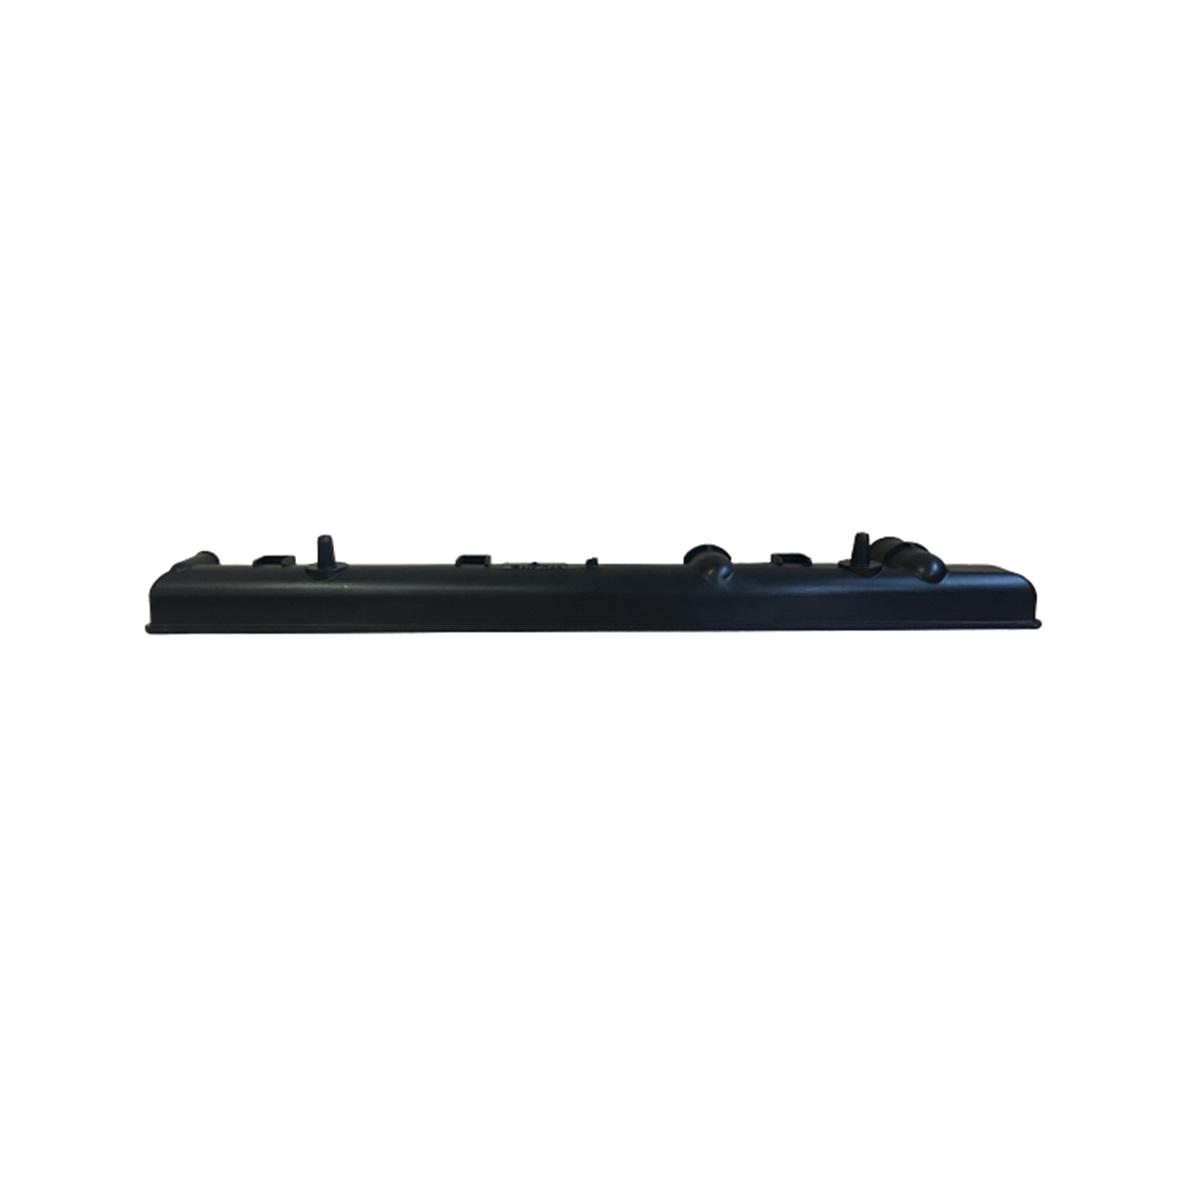 Caixa de Radiador Superior Peugeot 307 Citroen C4 Largo 47mmx563mm